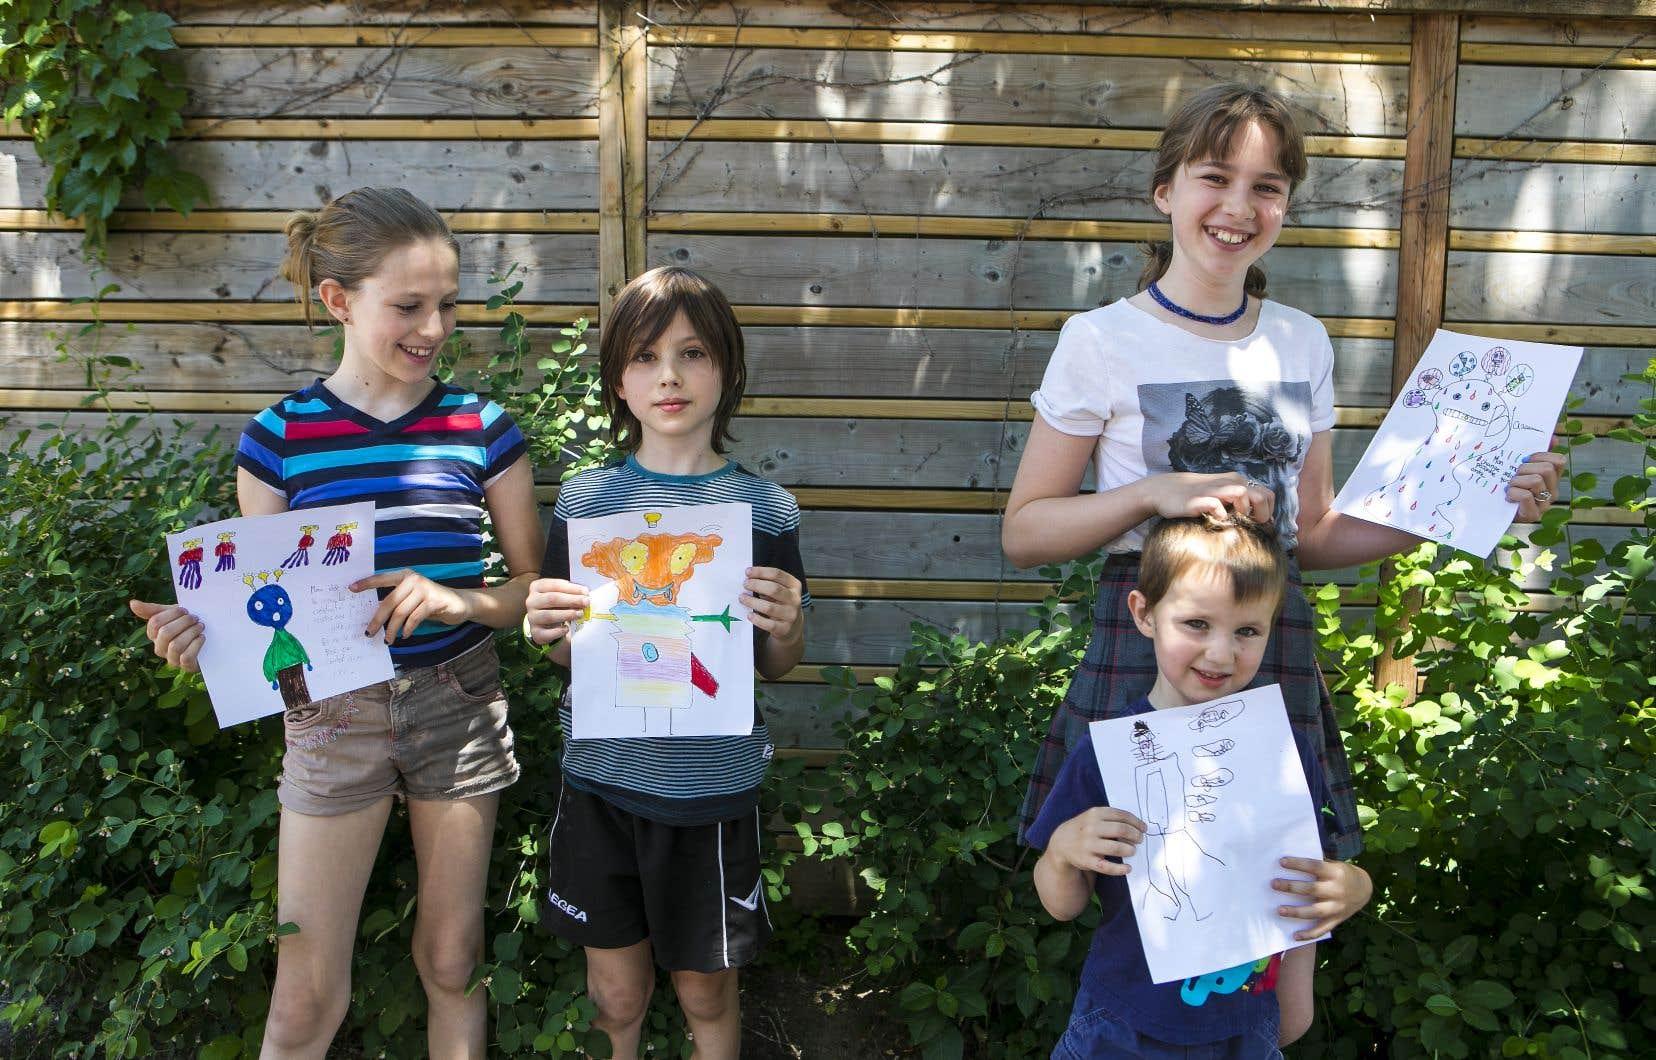 Florence, 9 ans, Arnaud, 8 ans, Jeanne, 12 ans, et Romain, 4 ans: les quatre frères et sœurs doivent imaginer qu'un extraterrestre curieux arrive chez les êtres humains. Comment lui expliquerait-on la créativité? Et si on avait à dessiner le concept, quelle forme prendrait-il?